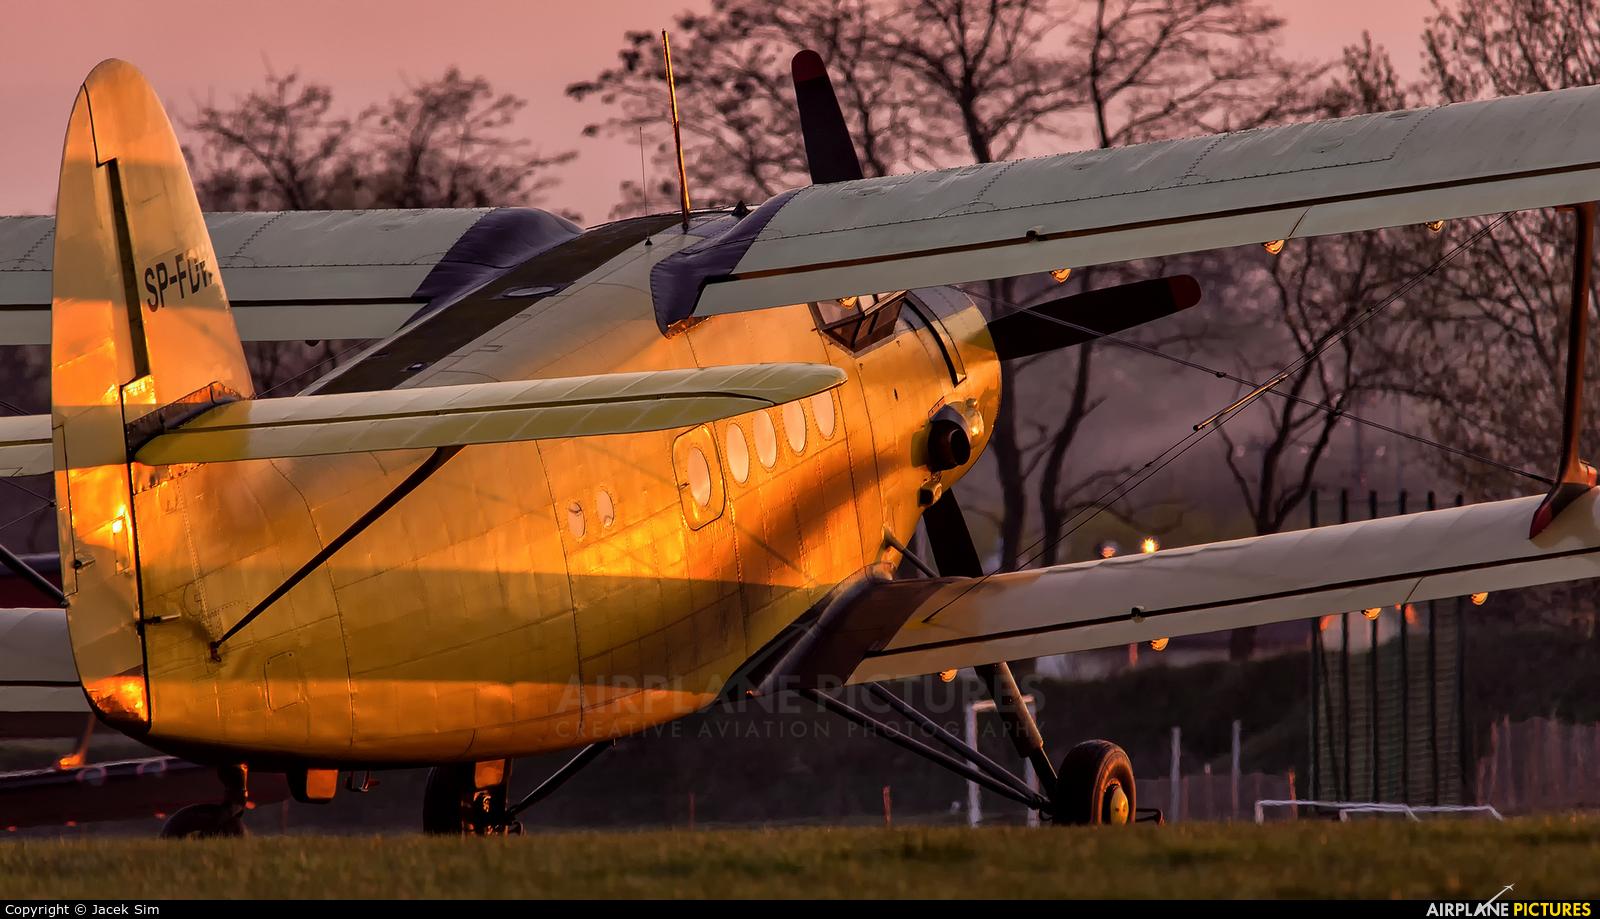 Aeroklub Bydgoski SP-FDW aircraft at Lublin Radawiec